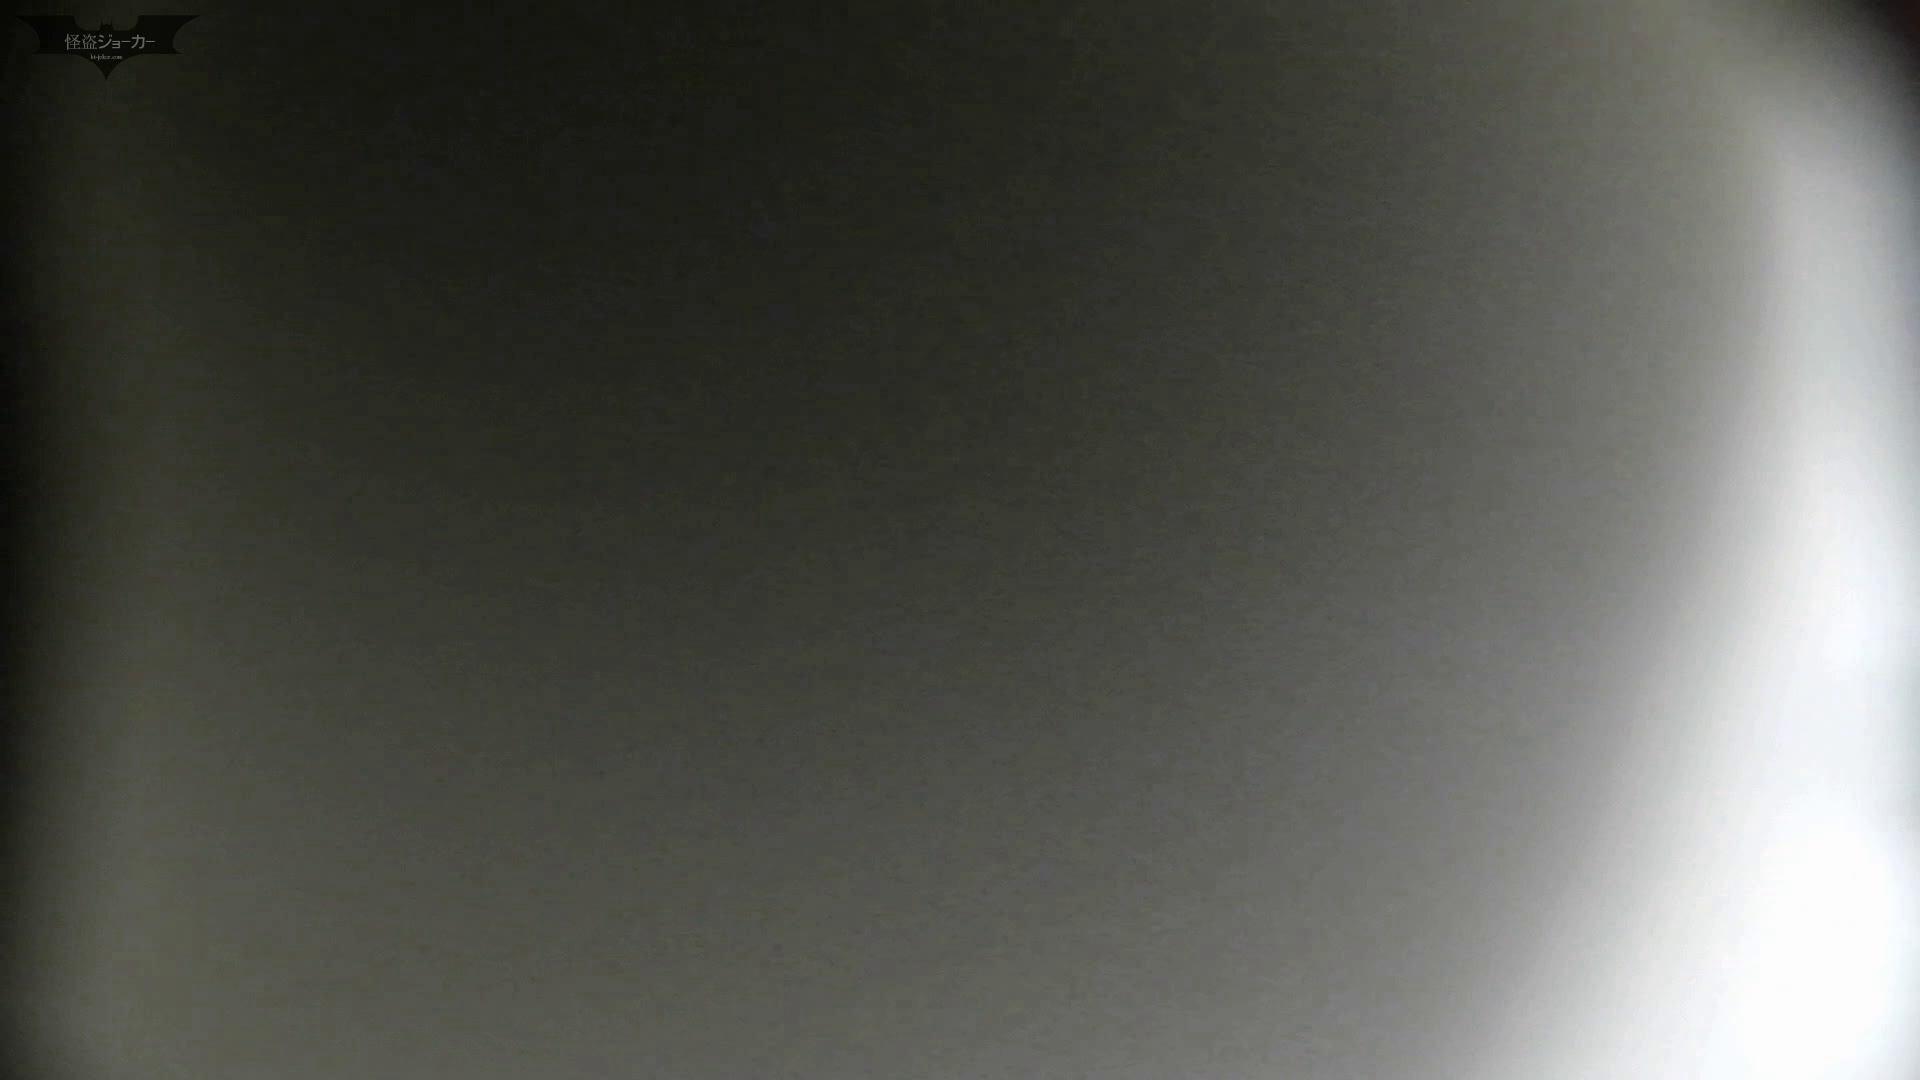 アダルトエロ動画 洗面所特攻隊 vol.66 珍事件発生!! 「指」で出【2015・05位】 怪盗ジョーカー